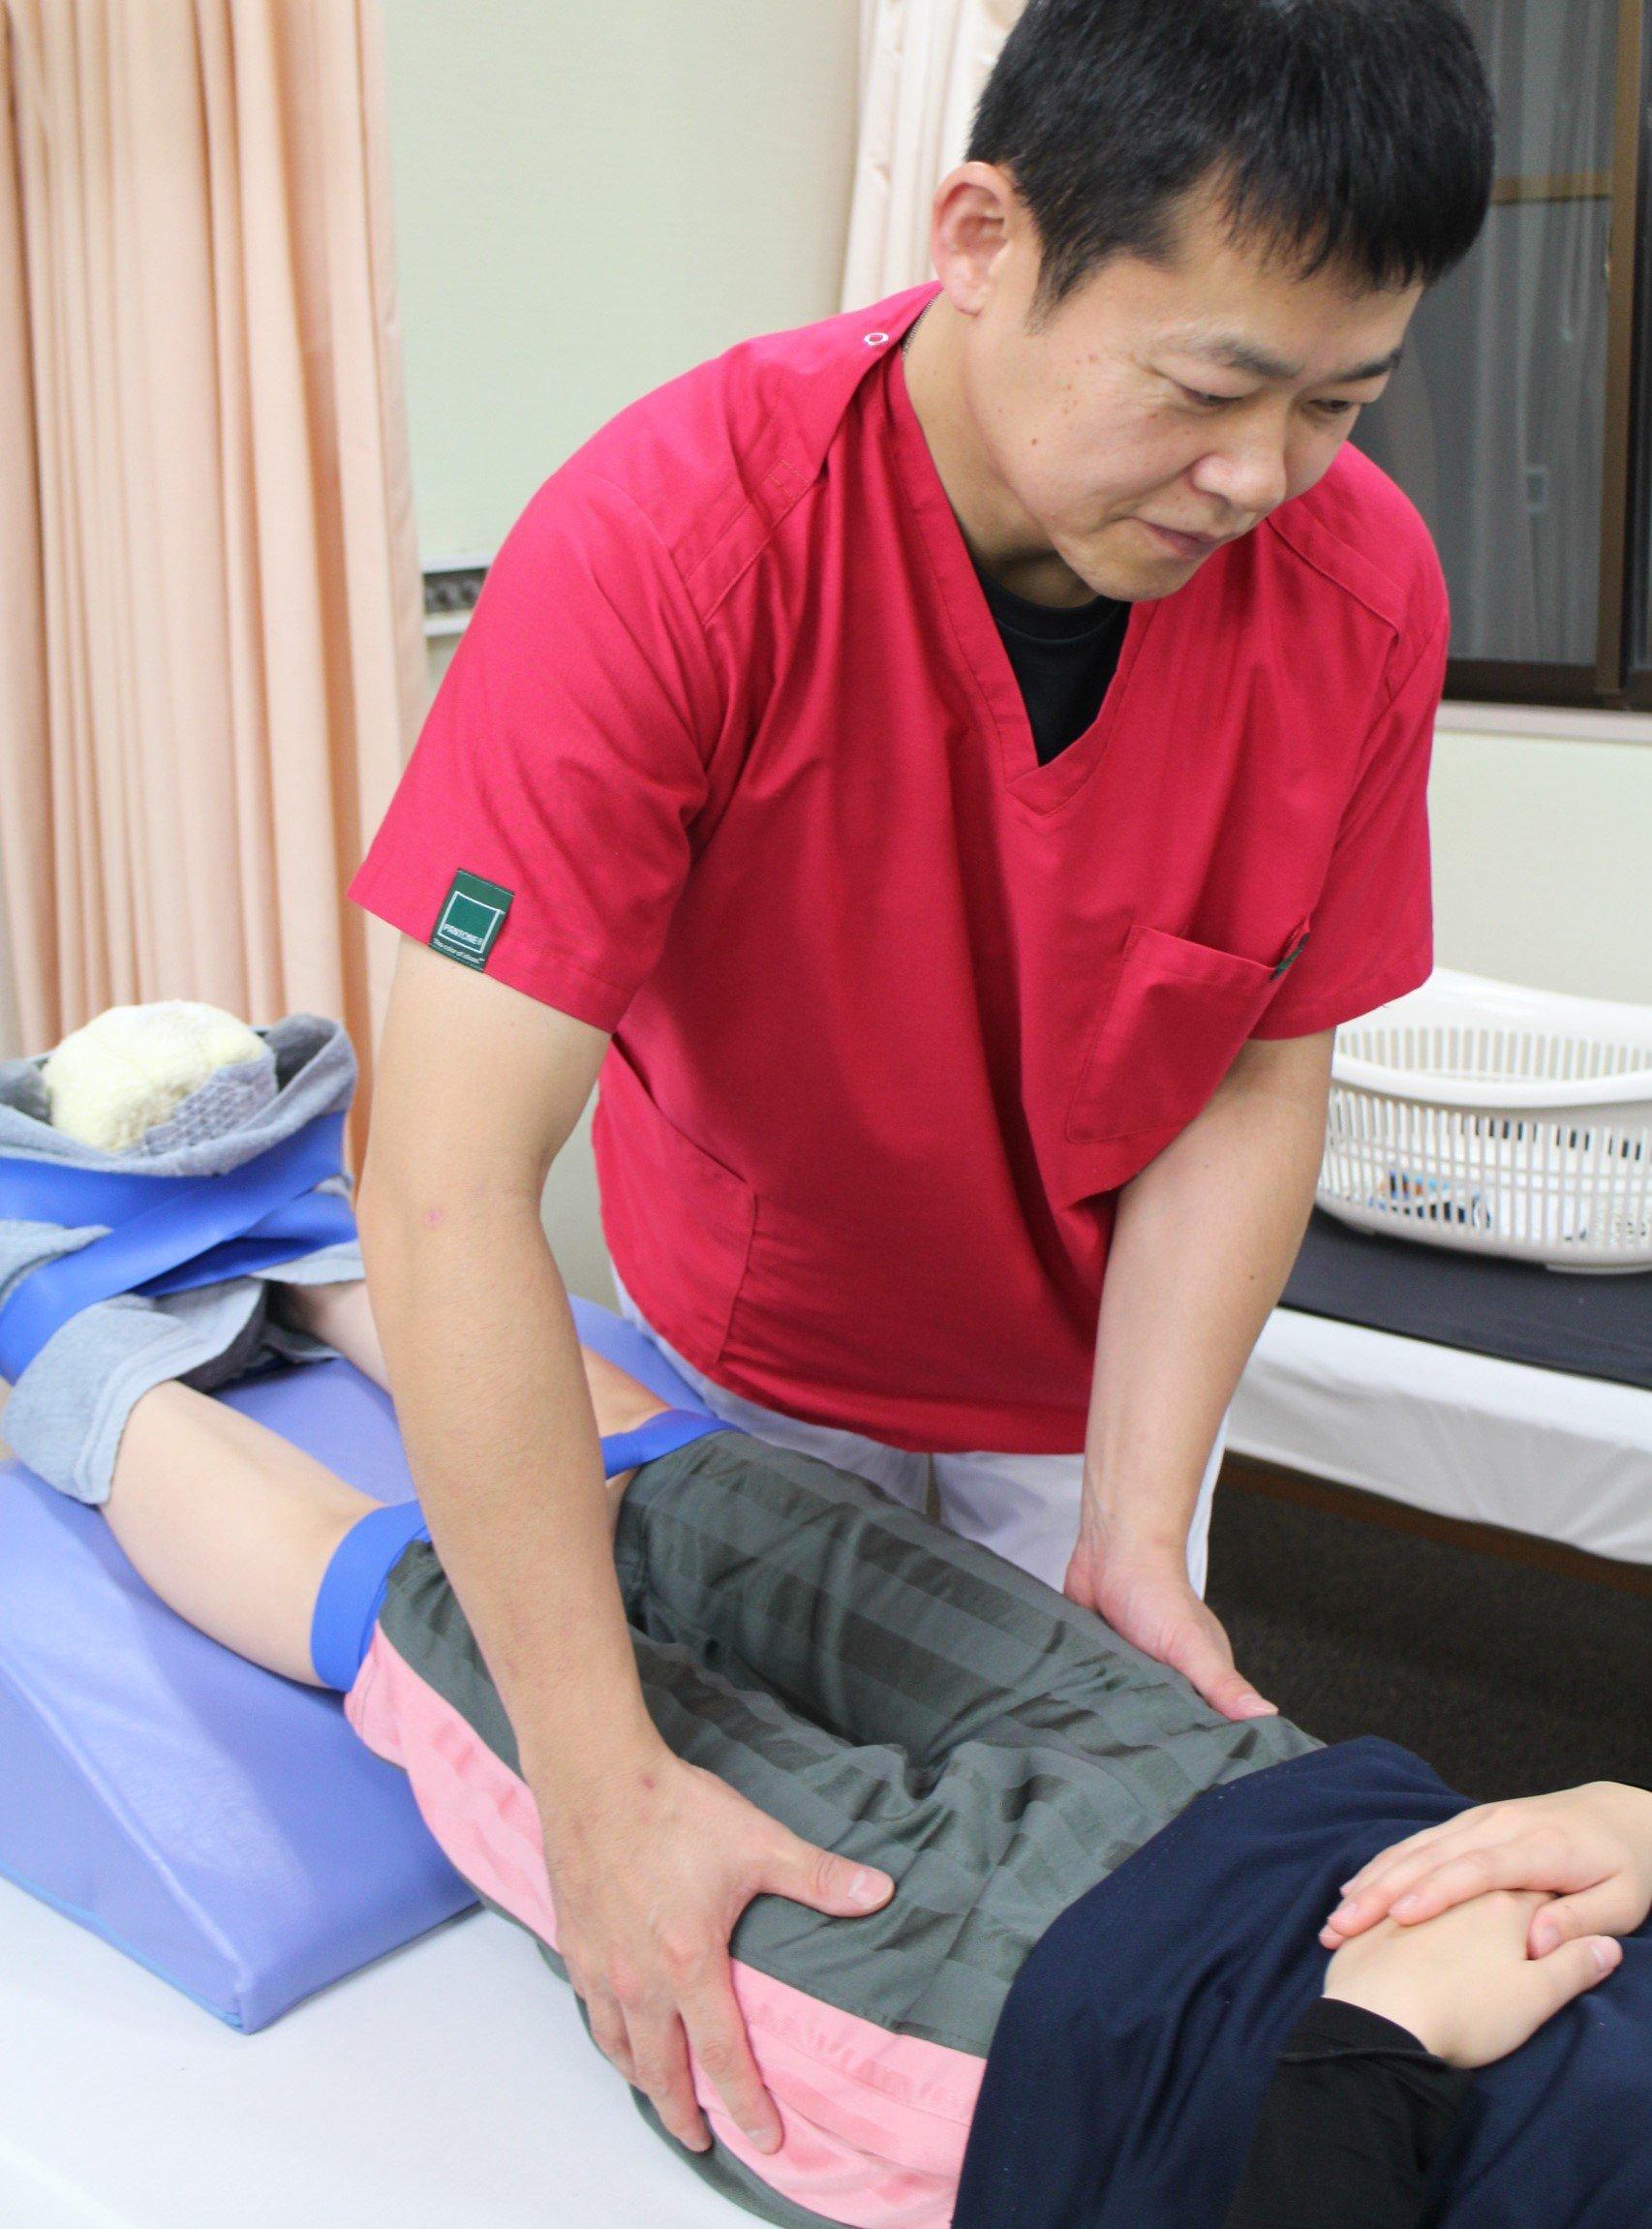 O脚矯正コースのイメージその1